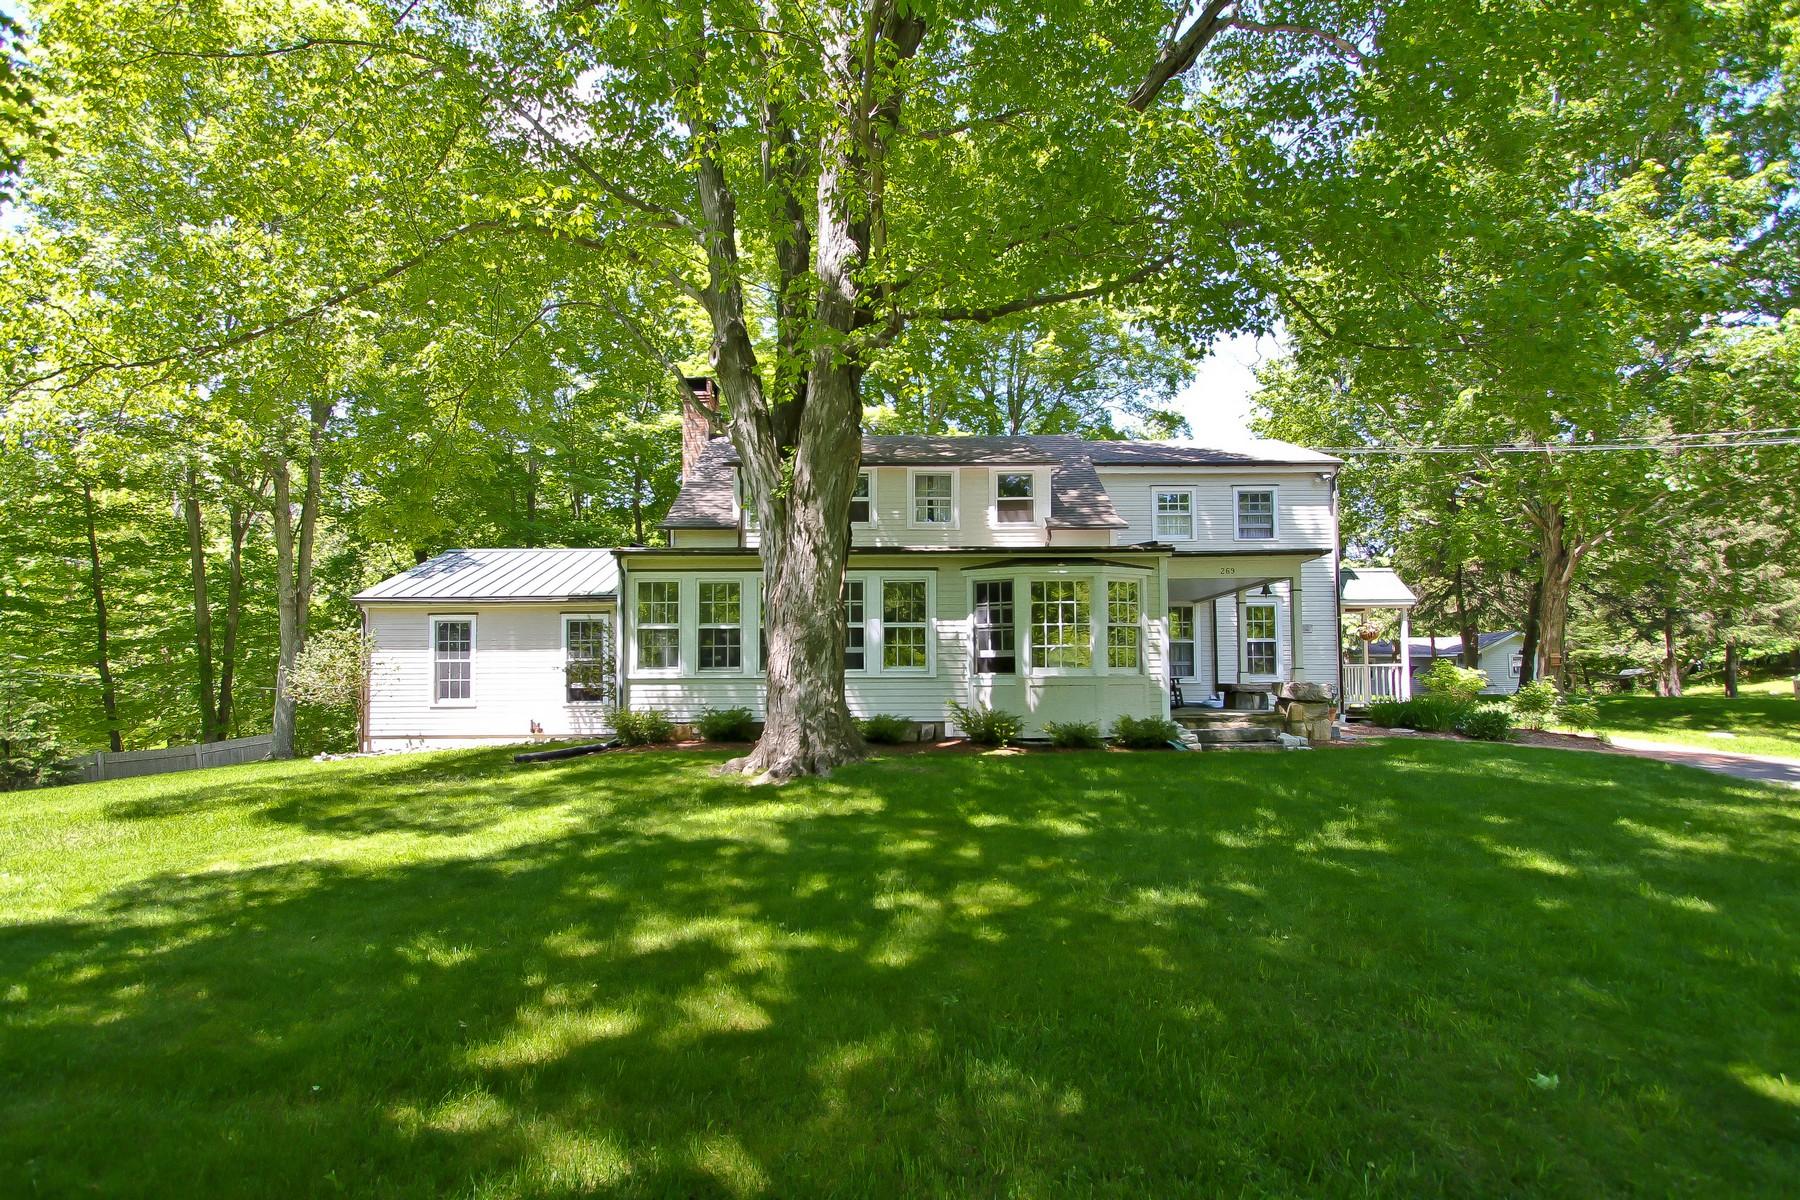 Частный односемейный дом для того Продажа на Circa 1863 Colonial 269 Farmingville Road Ridgefield, Коннектикут, 06877 Соединенные Штаты